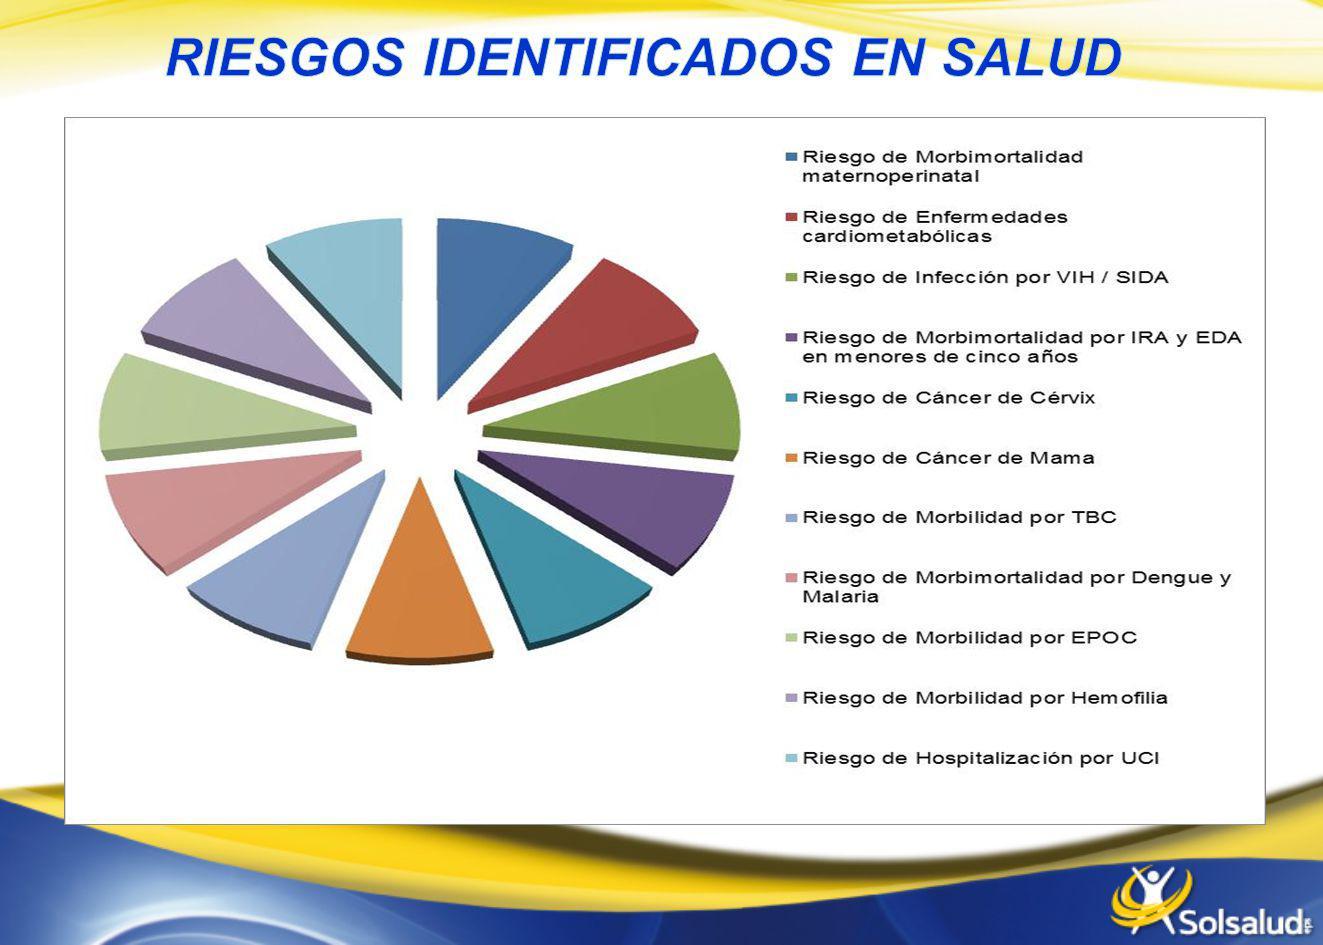 RIESGOS IDENTIFICADOS EN SALUD